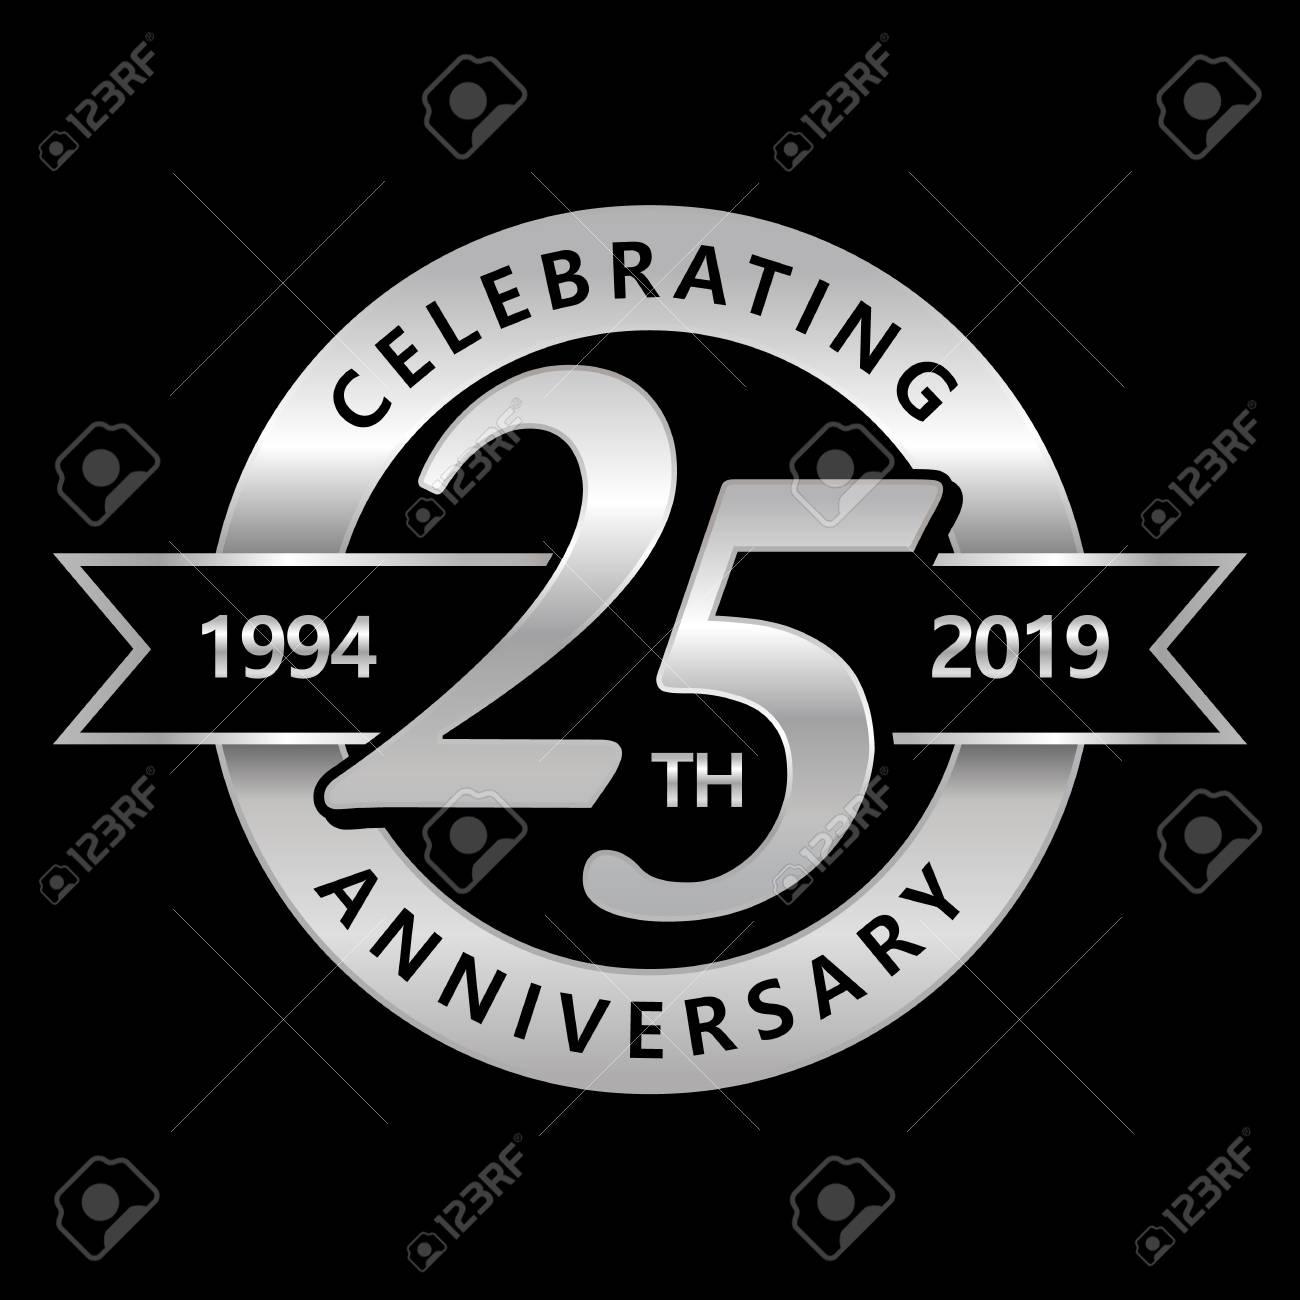 Celebrating 25th Years Anniversary - 121759406